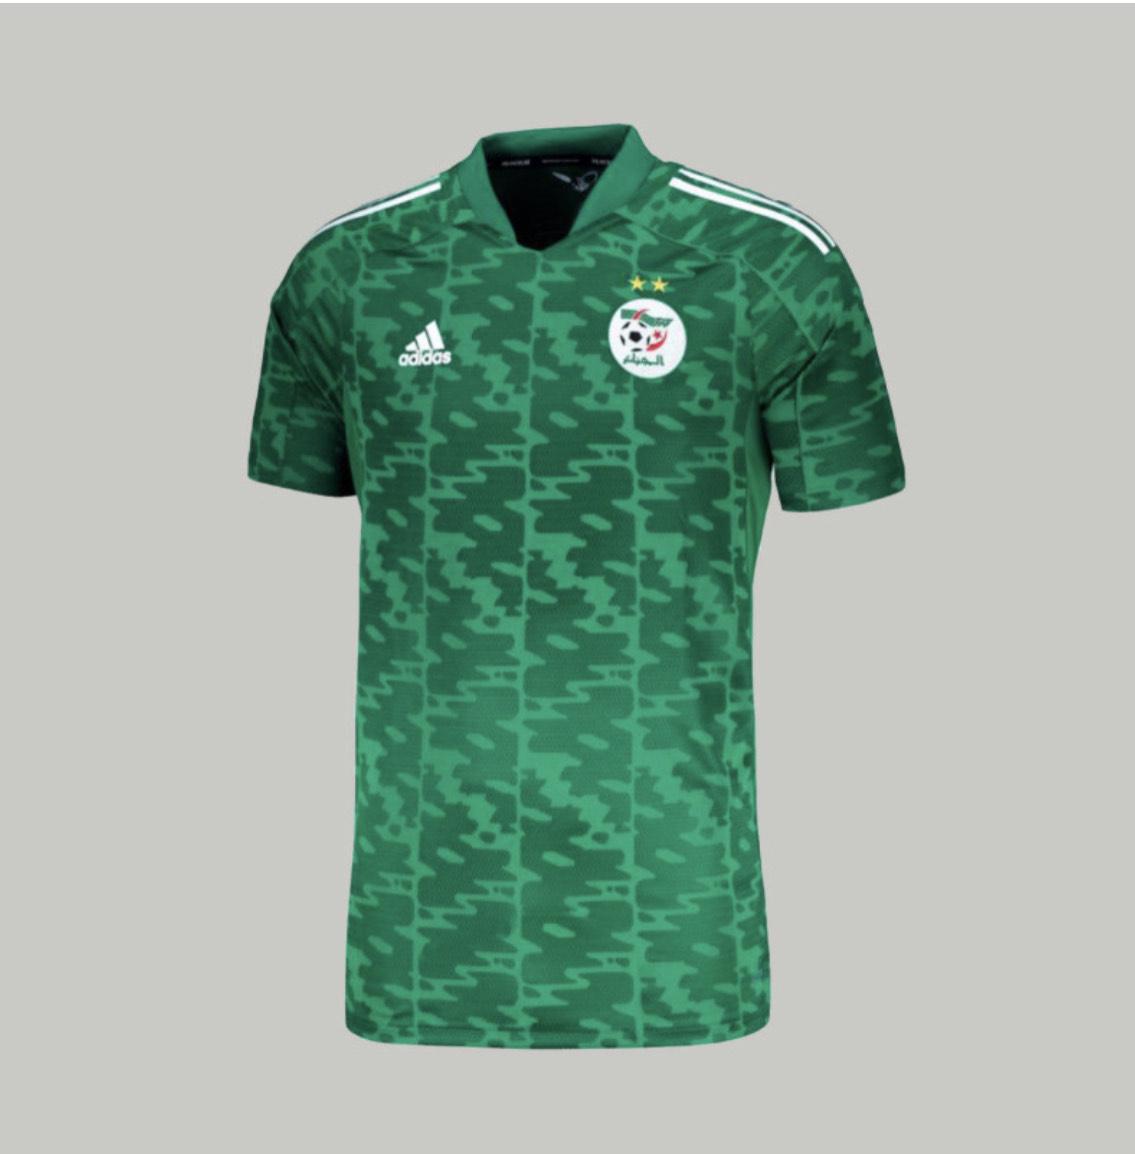 Maillot de football de l'équipe nationale d'Algérie Extérieur 2021 (dzfanstore.com)